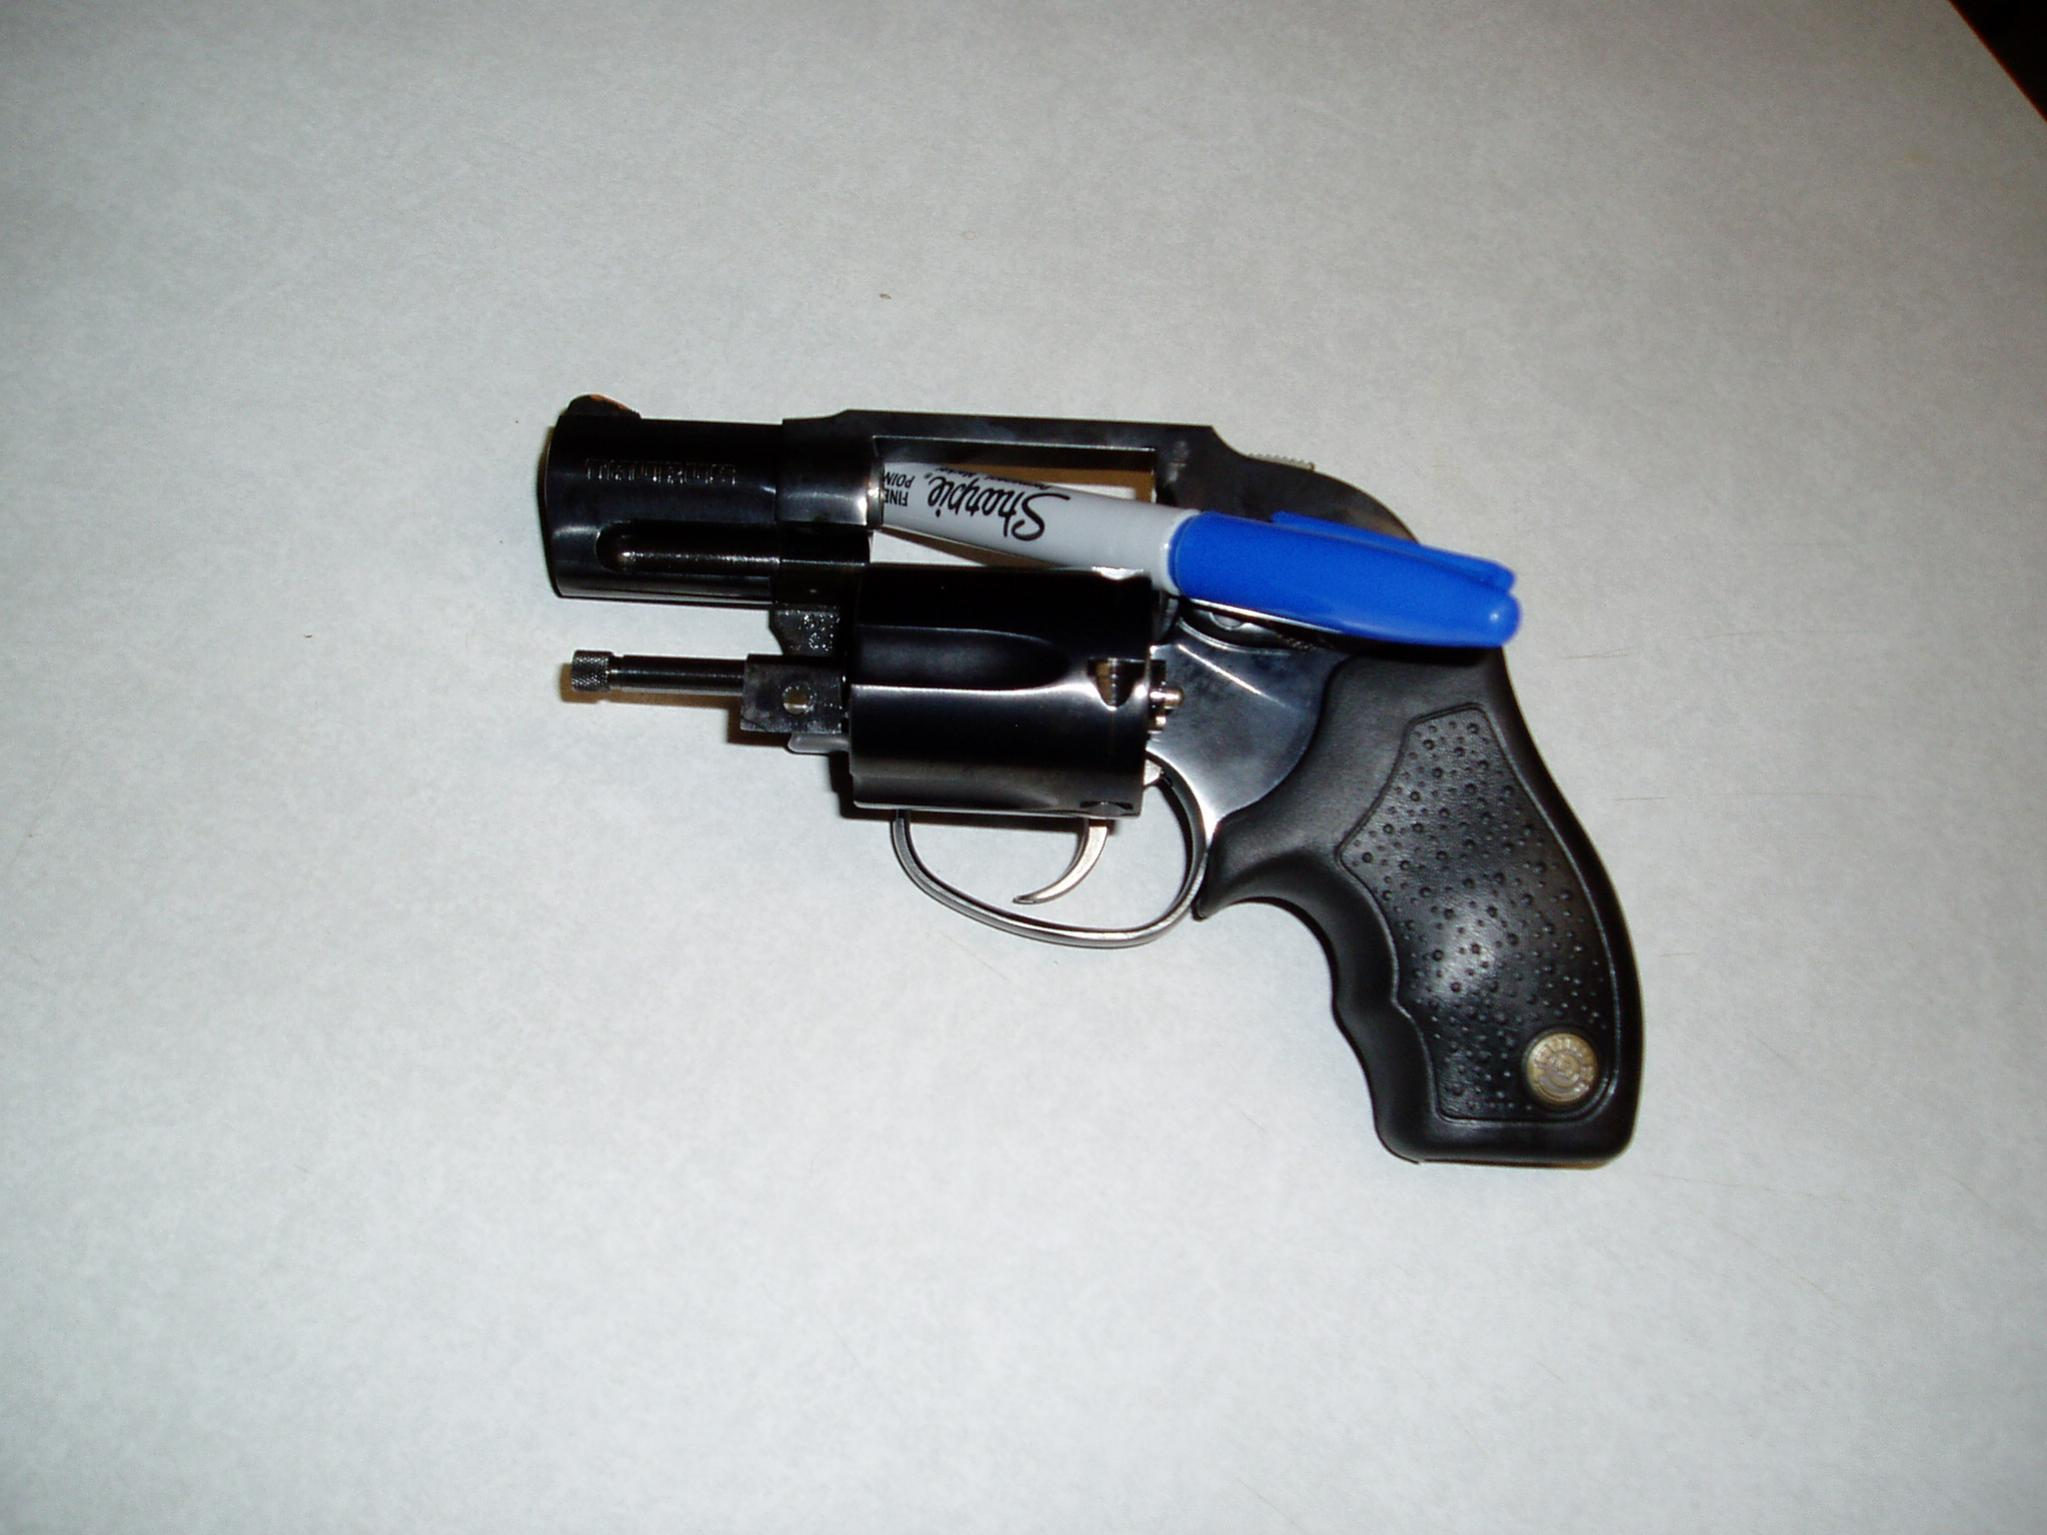 What's the deal with Taurus handguns?-guns-003.jpg